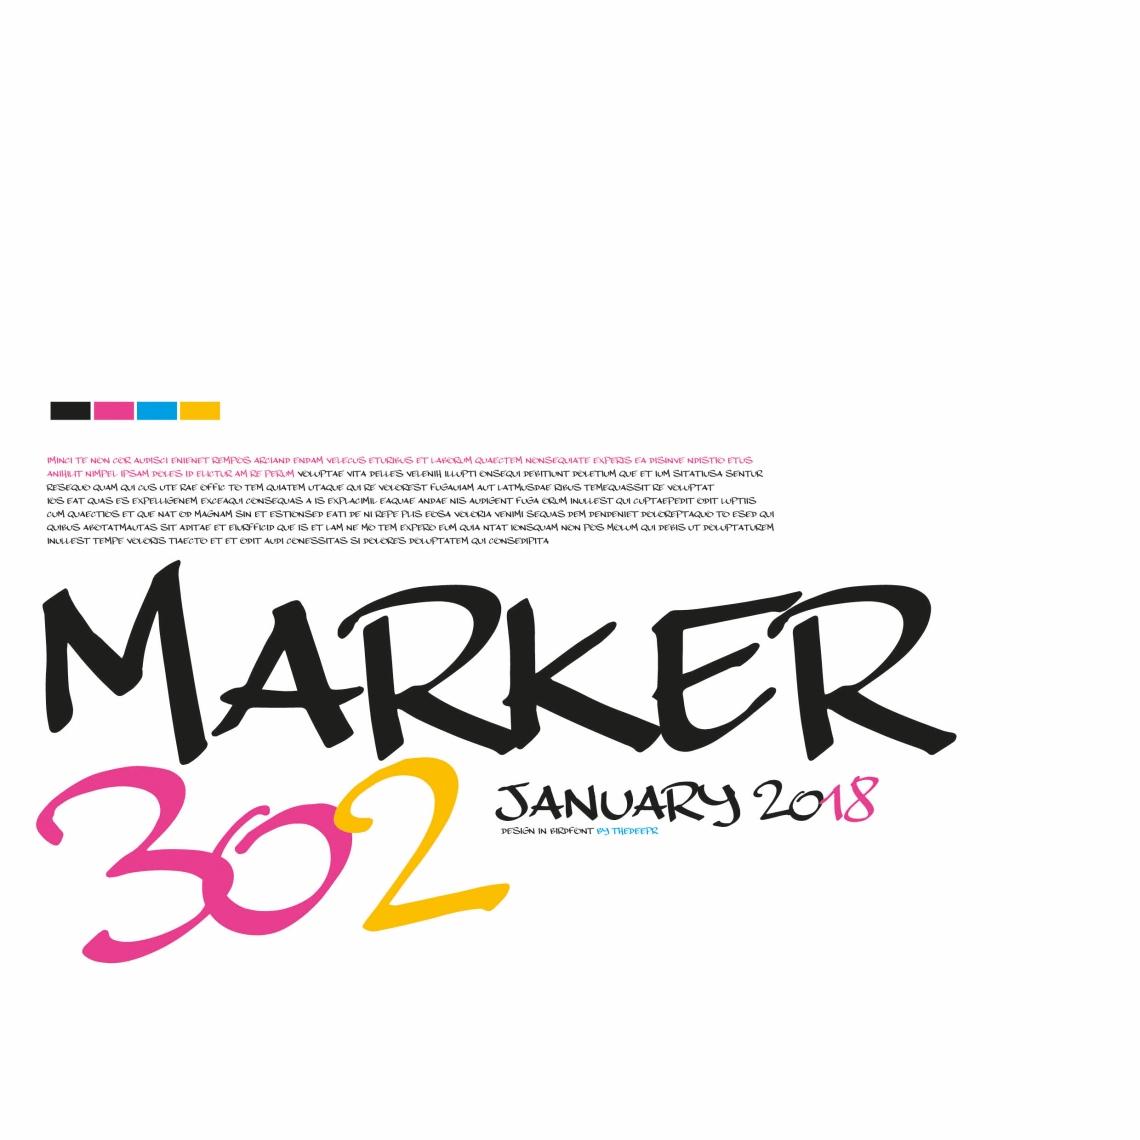 MARKER 30692.jpg